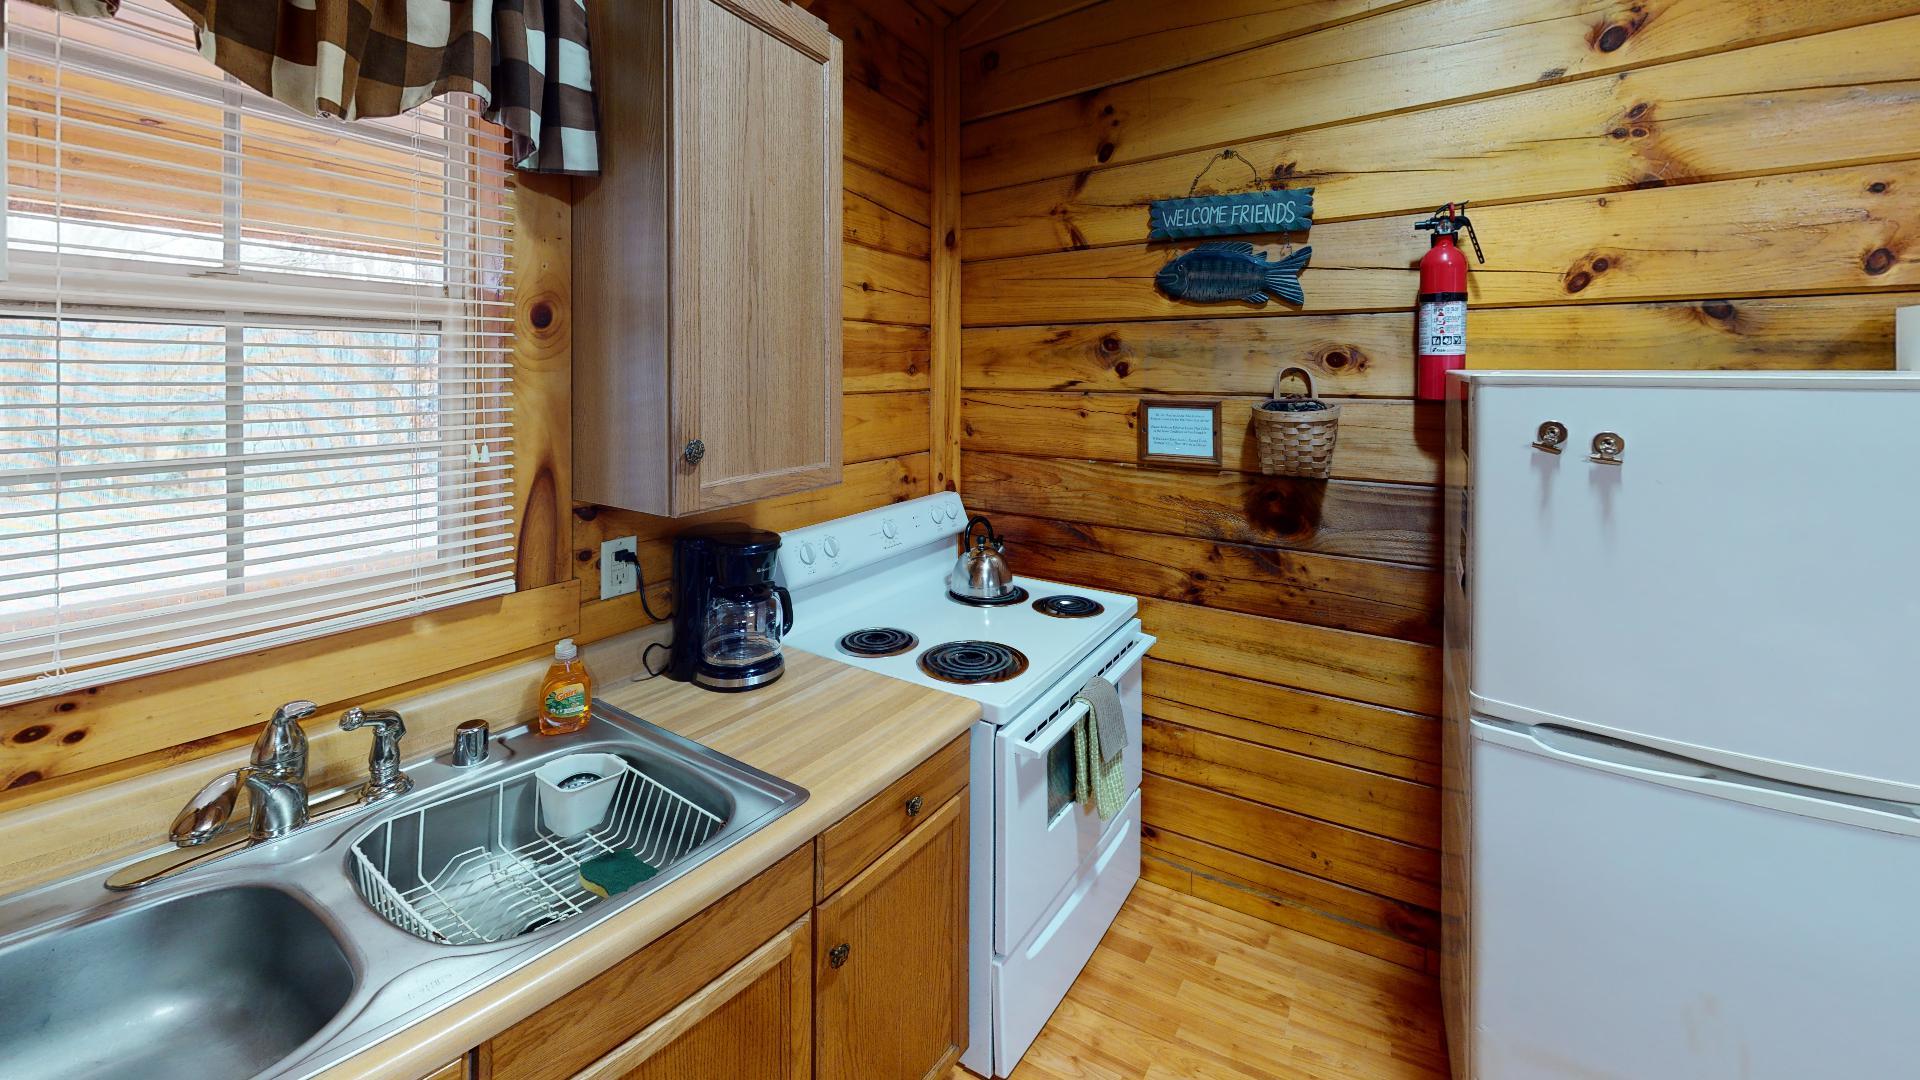 Photo 663_9213.jpg - Kitchen area.